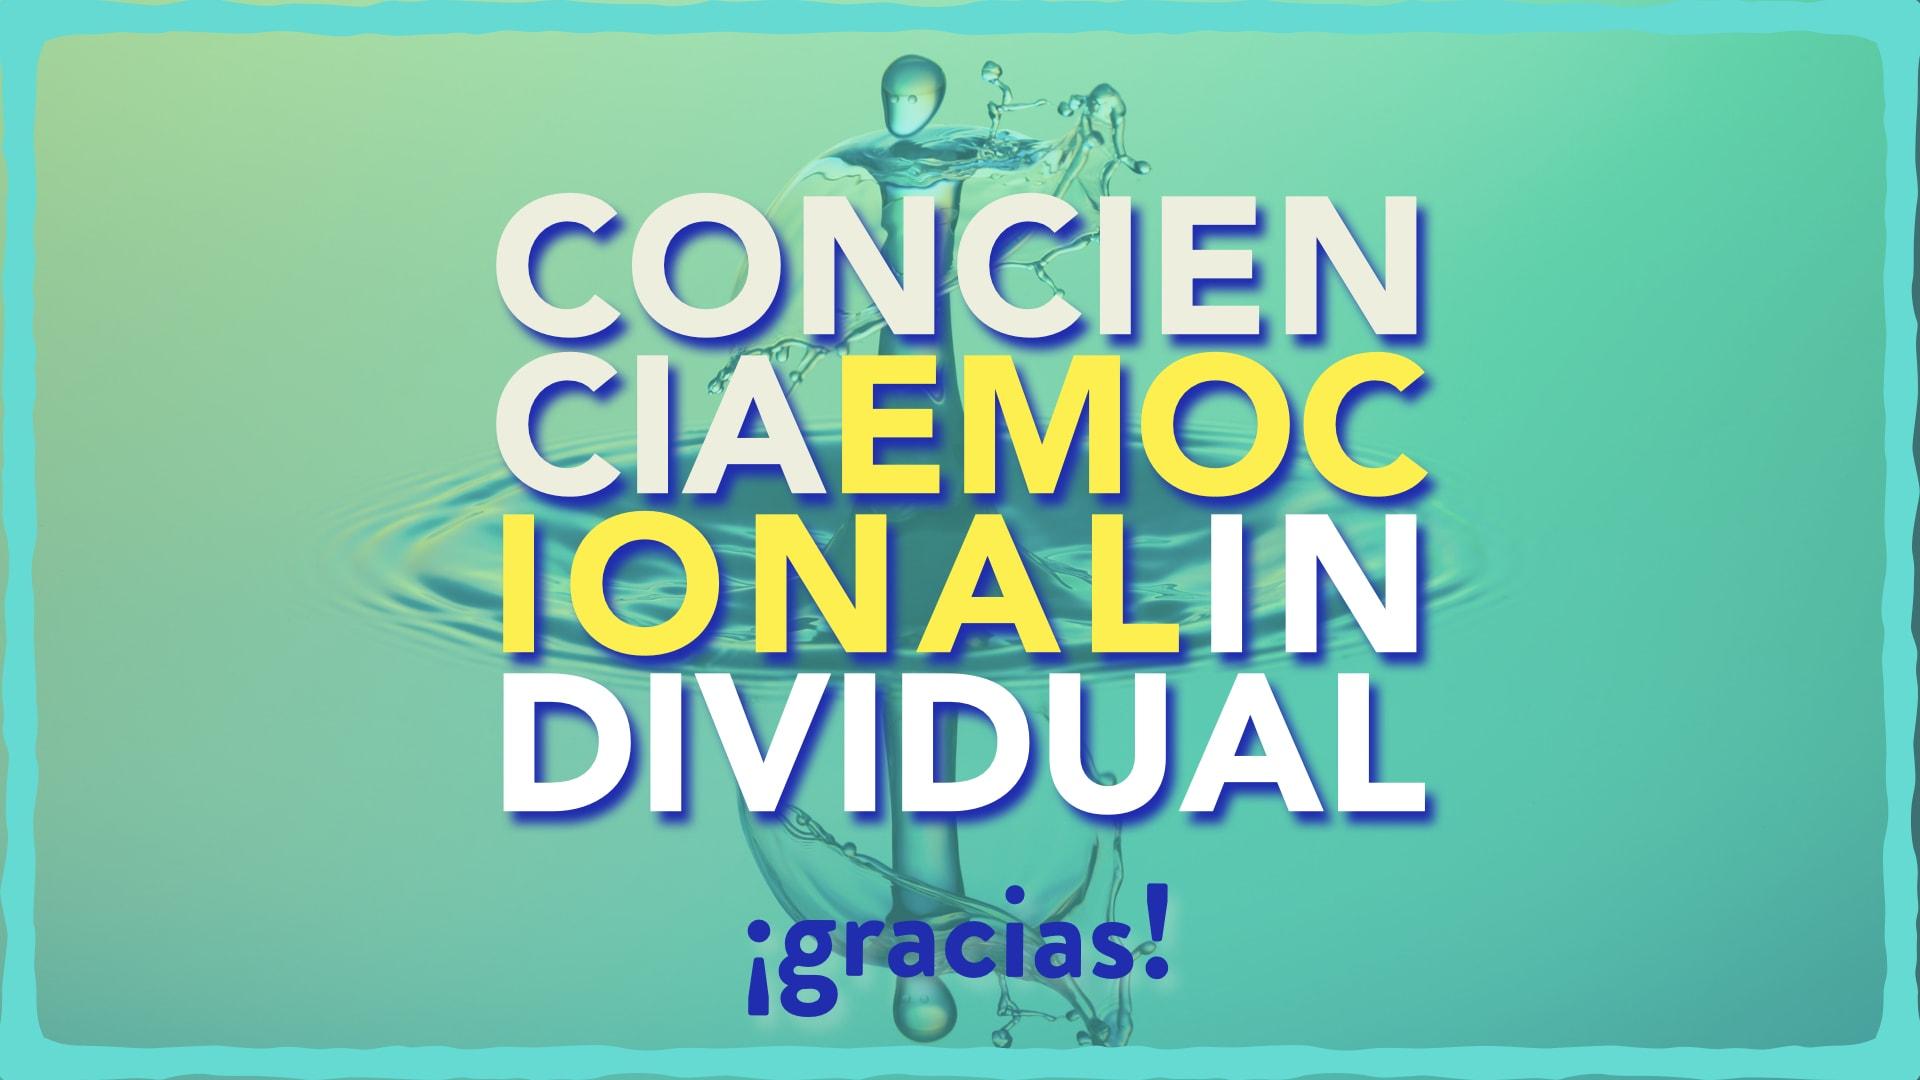 image from Conciencia Emocional